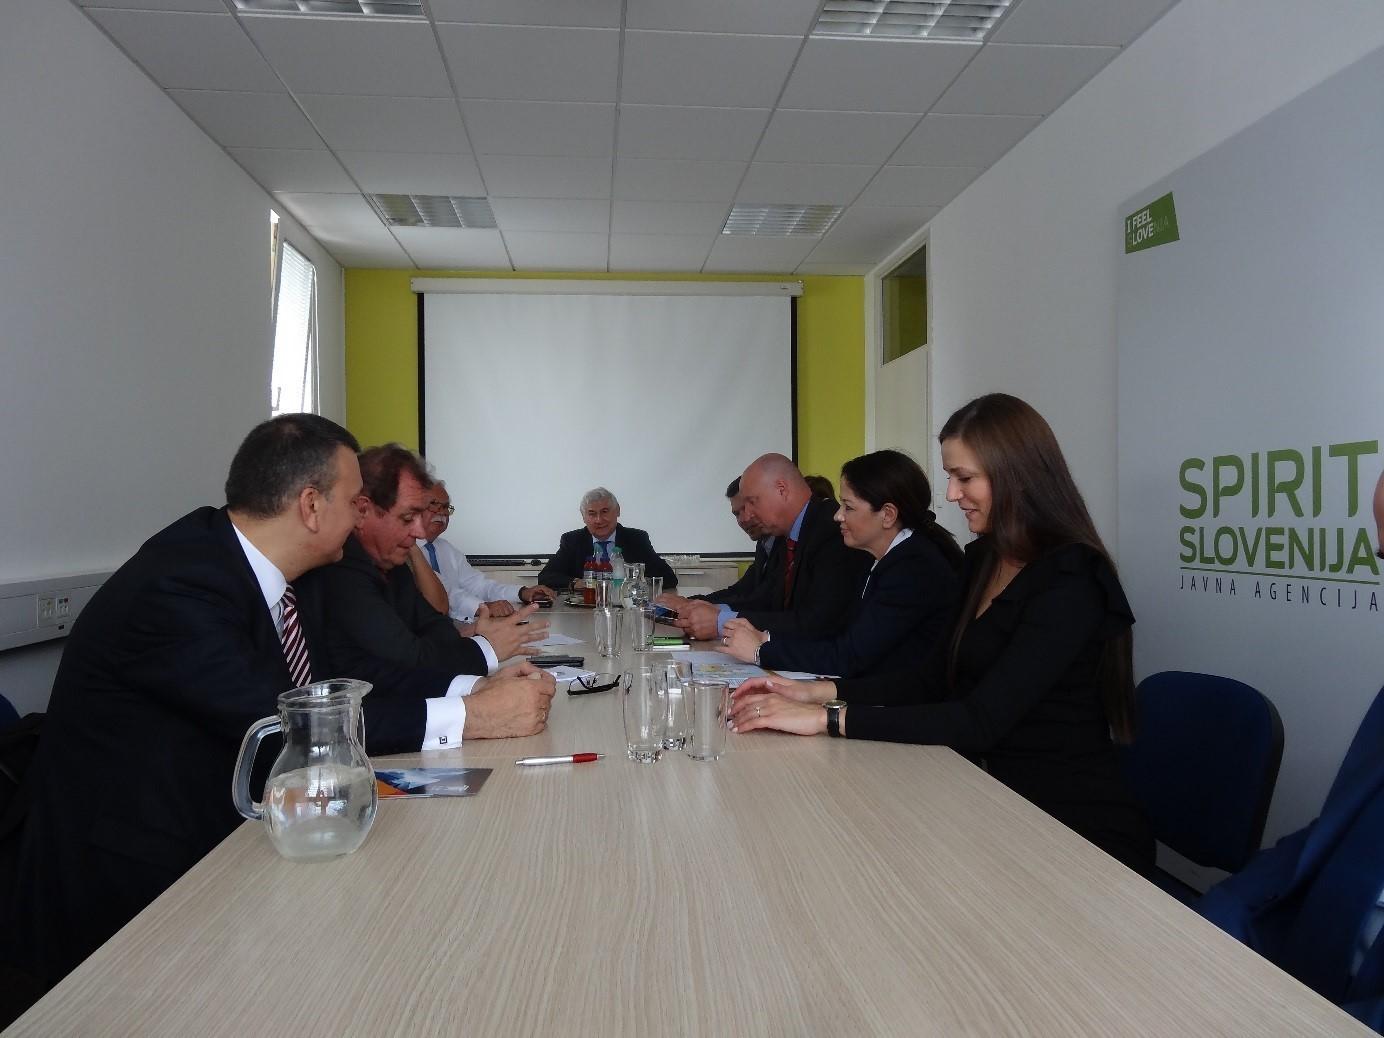 Gostje iz Togliattija so med drugim obiskali Javno agencijo SPIRIT Slovenija, ki za september načrtuje gospodarsko delegacijo v Samarski regiji.